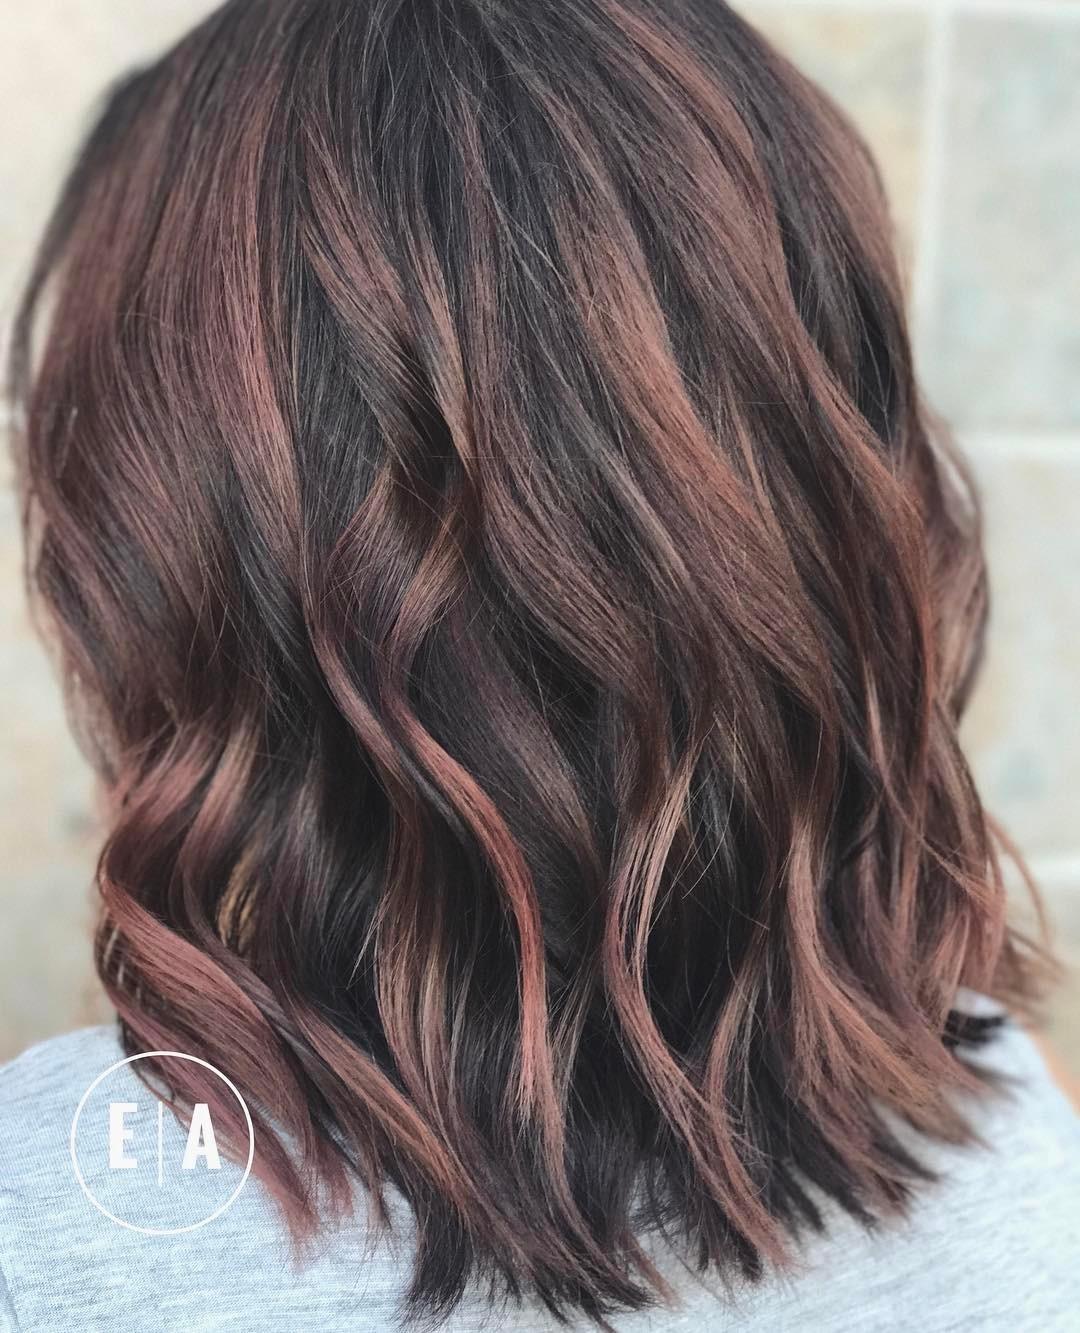 Balayage Hair Styles for Medium Length Hair, Medium Hairstyle Color Ideas